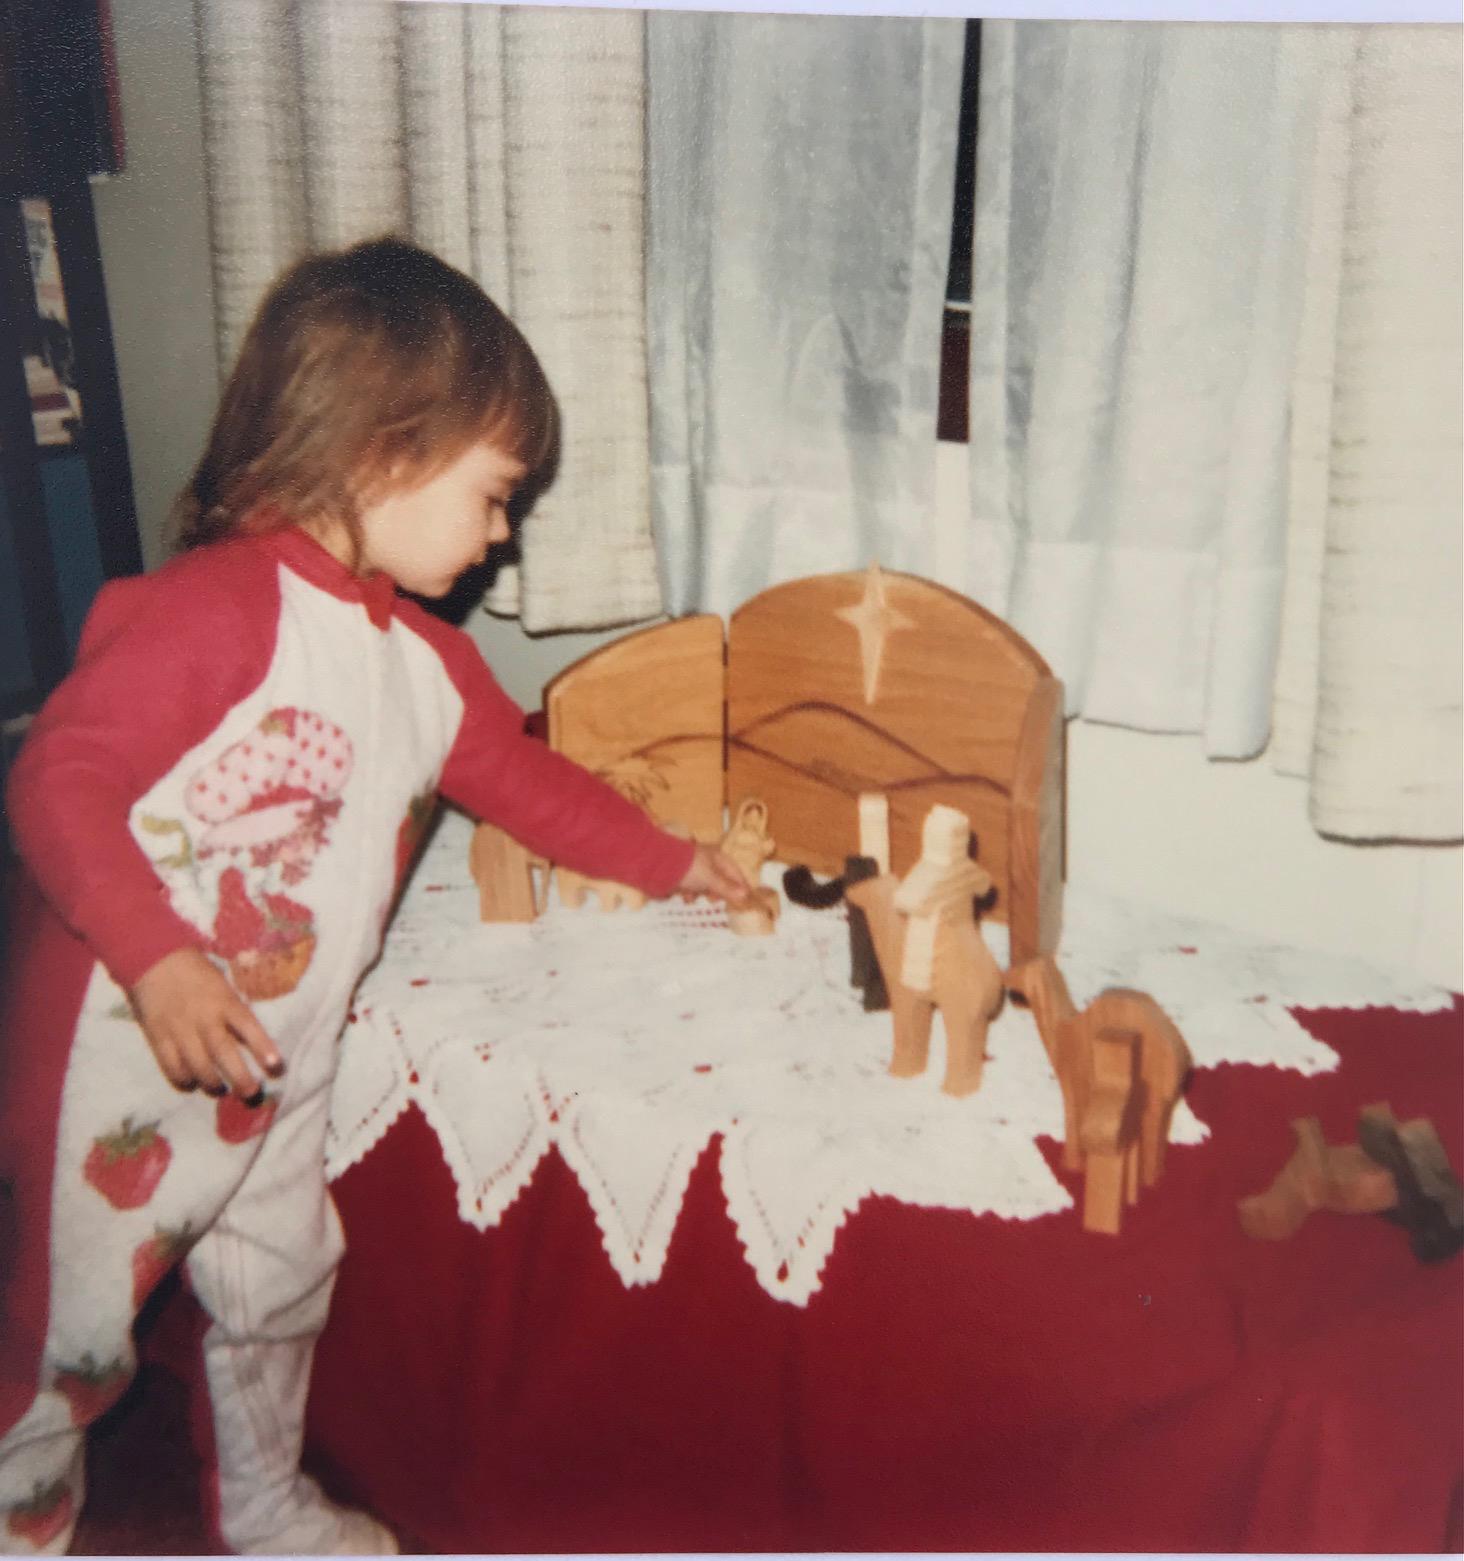 Chenoa setting up the family's nativity scene in 1983.